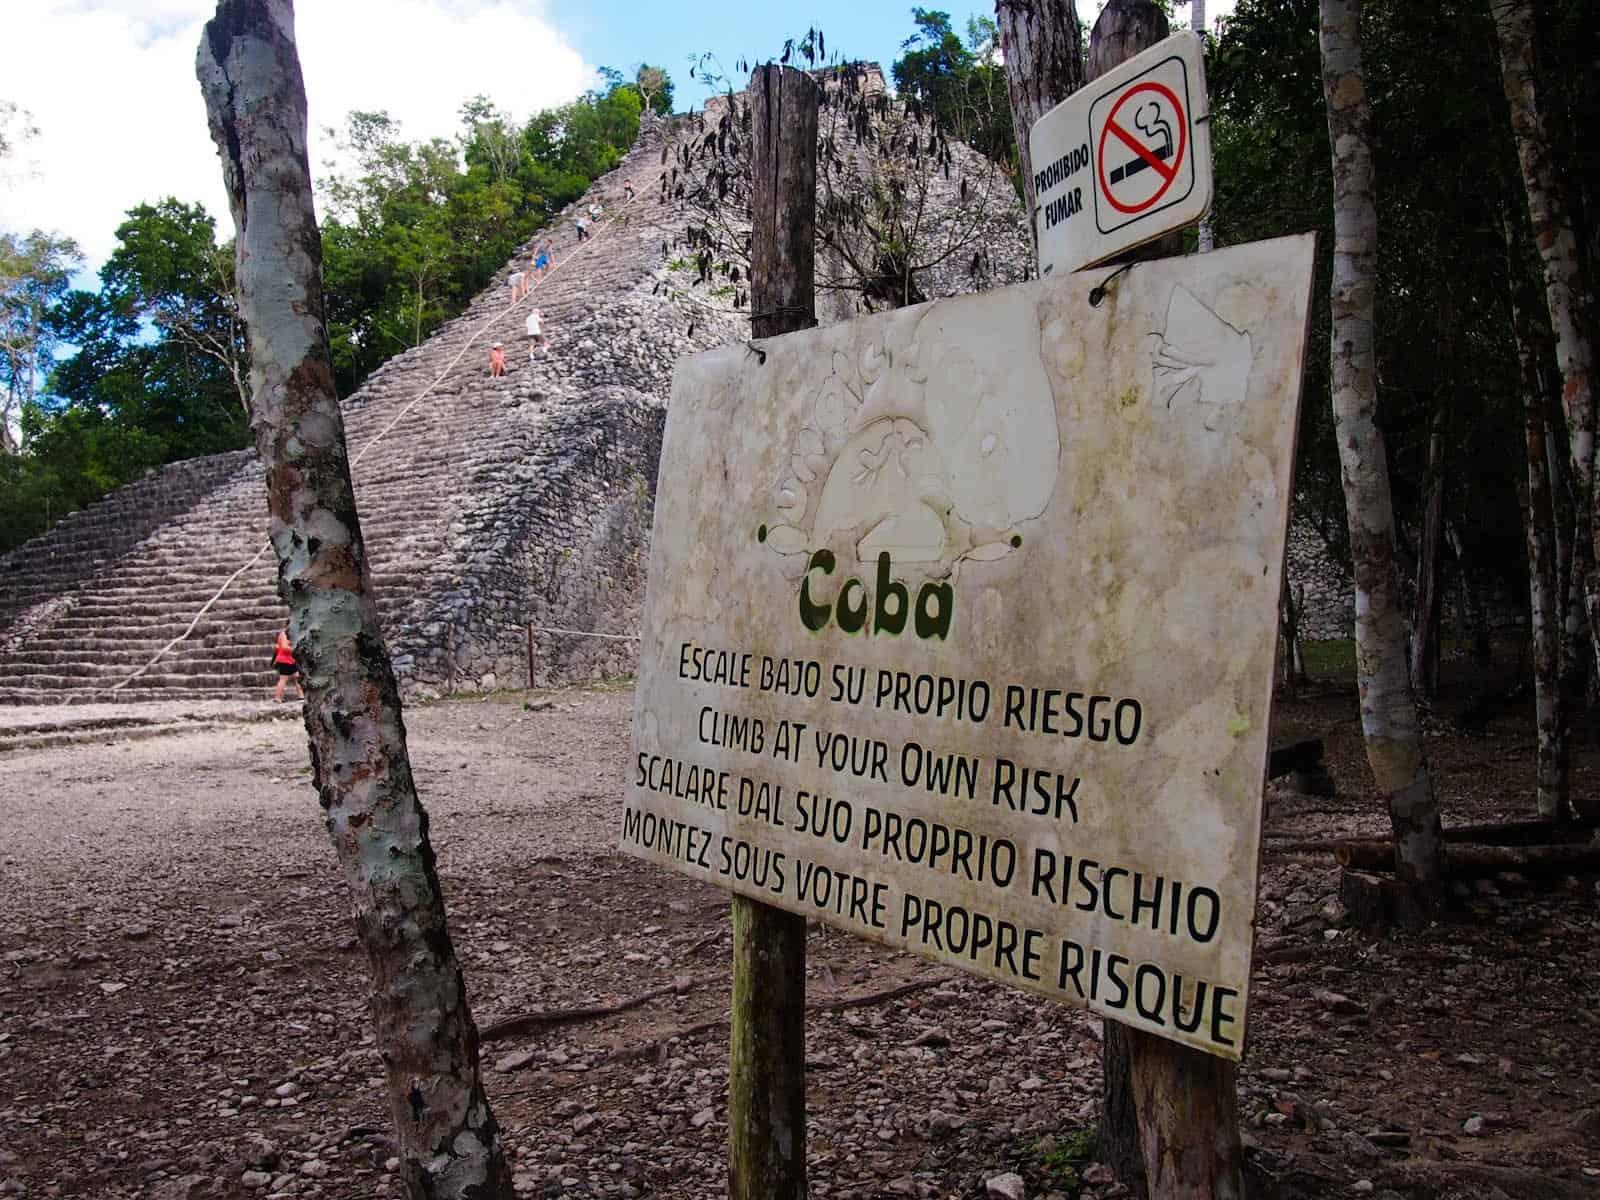 Coba - climb at own risk